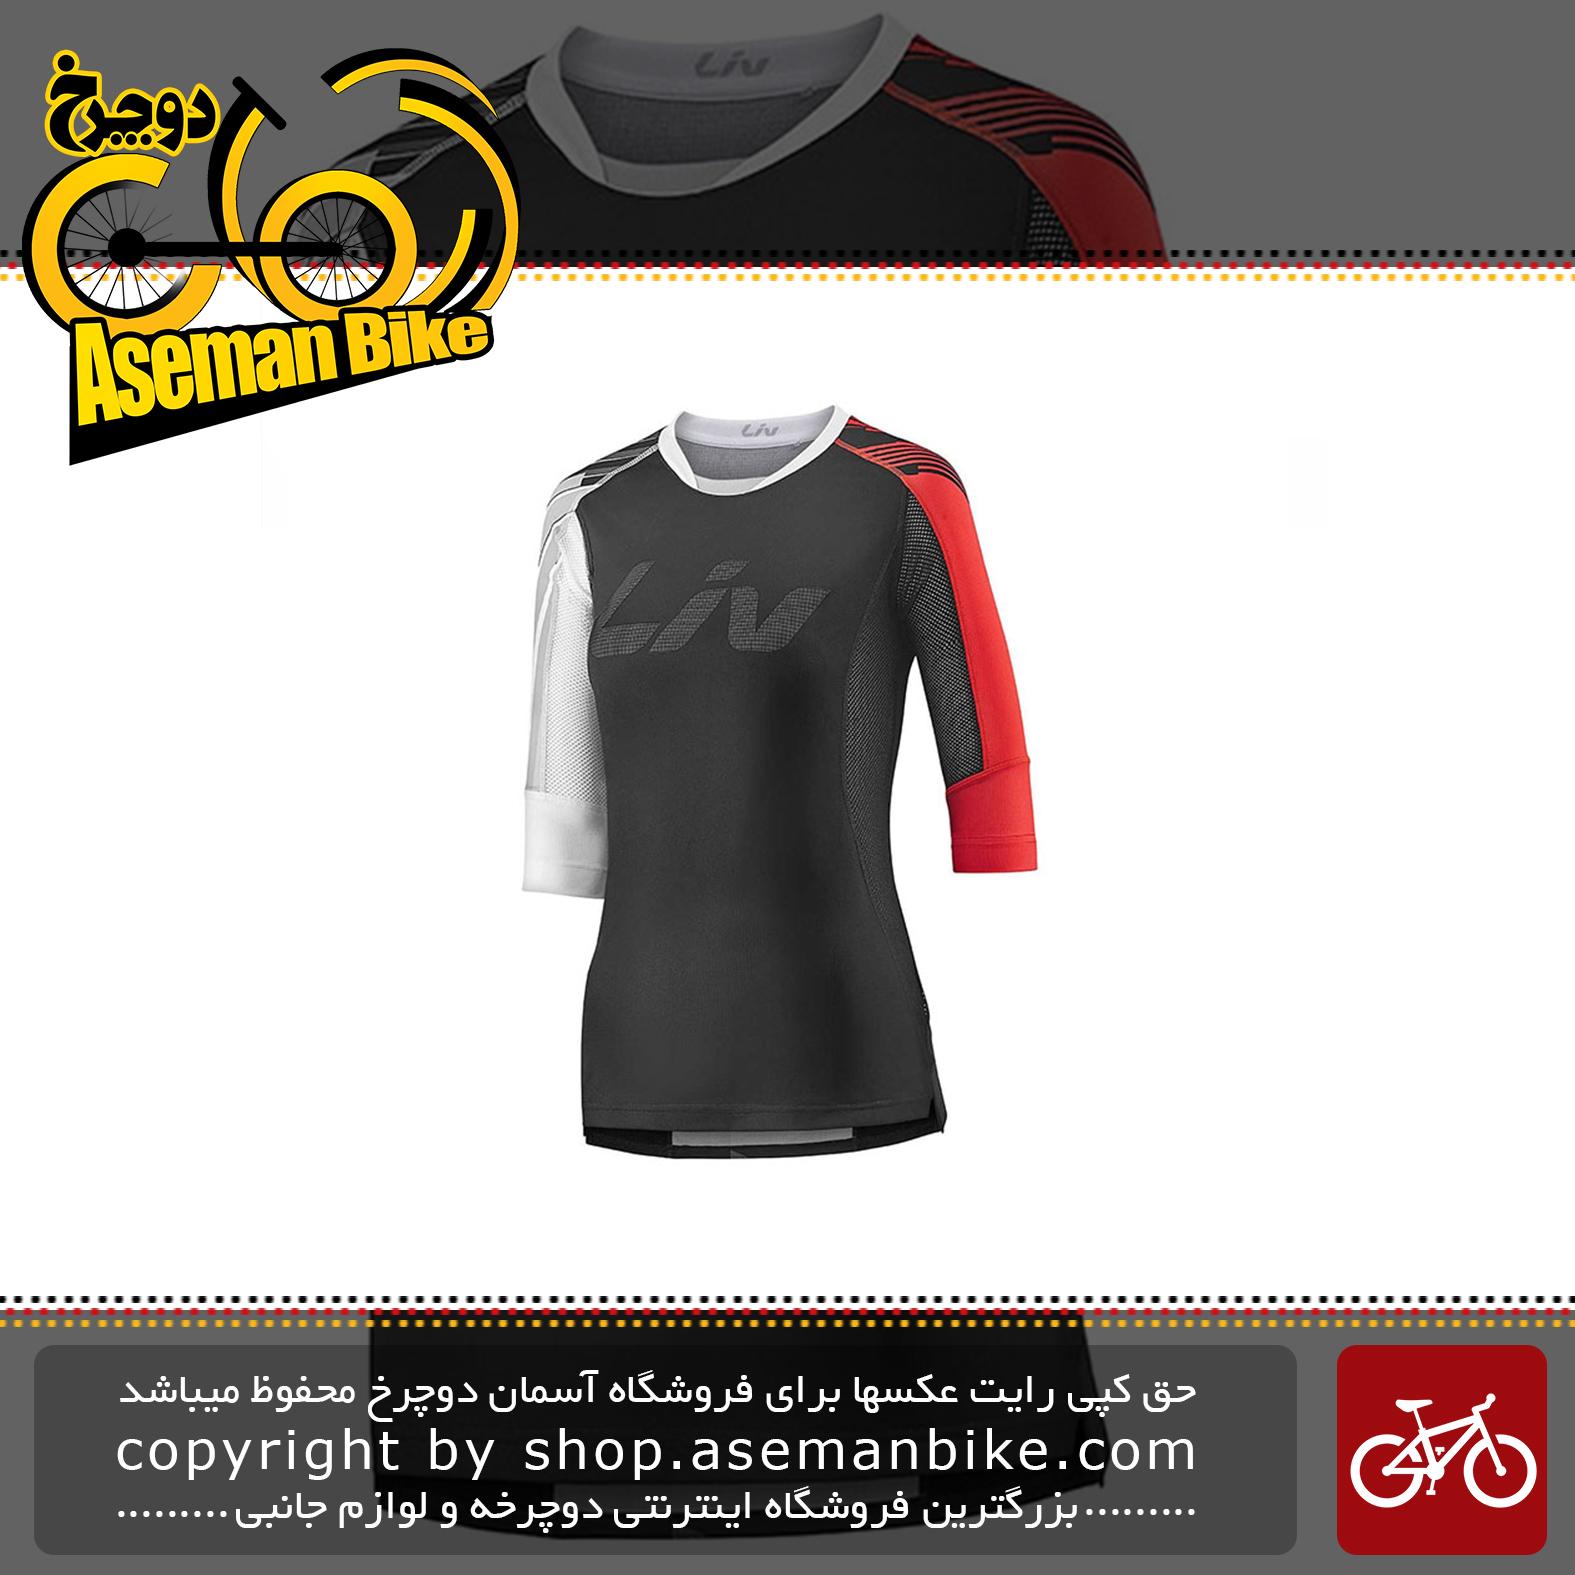 تی شرت زیپ دار لیو مدل تانگل 3/4 ال آفرود جرسی Giant Tangle ¾ L Off-Road Jersey